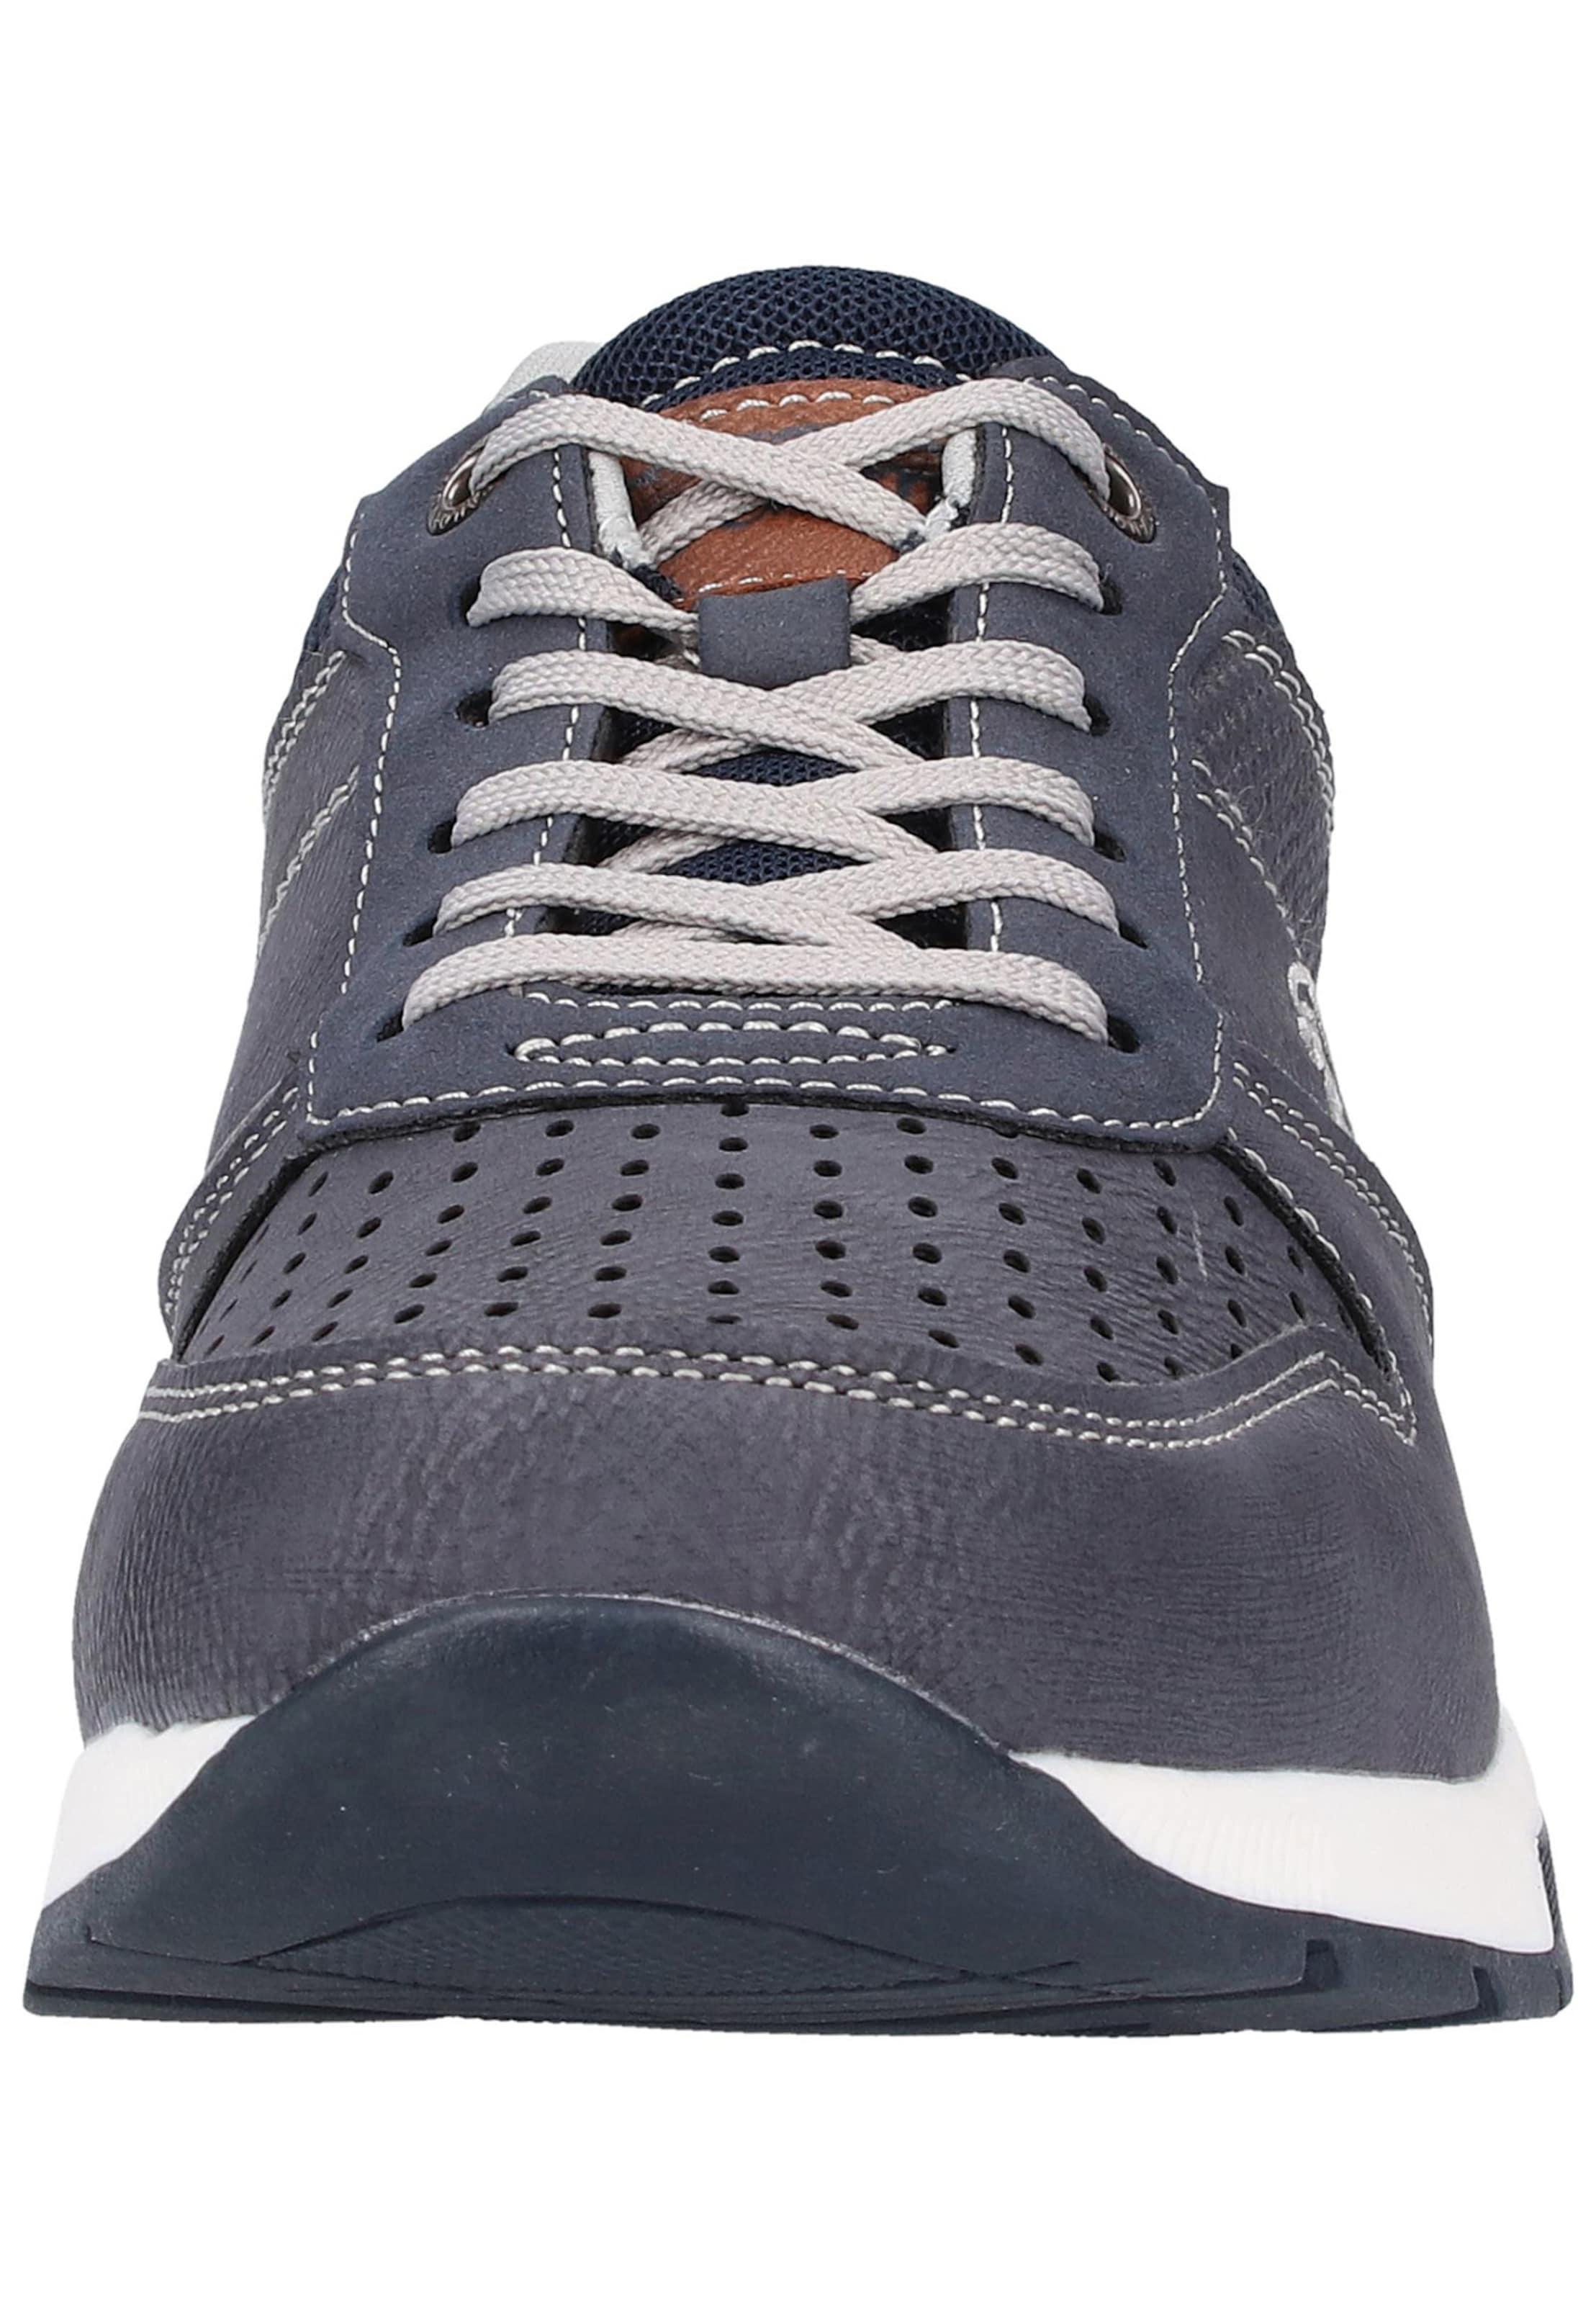 En Tom Basses Baskets Tailor Bleu grisMarron Blanc ZOPiXkuT